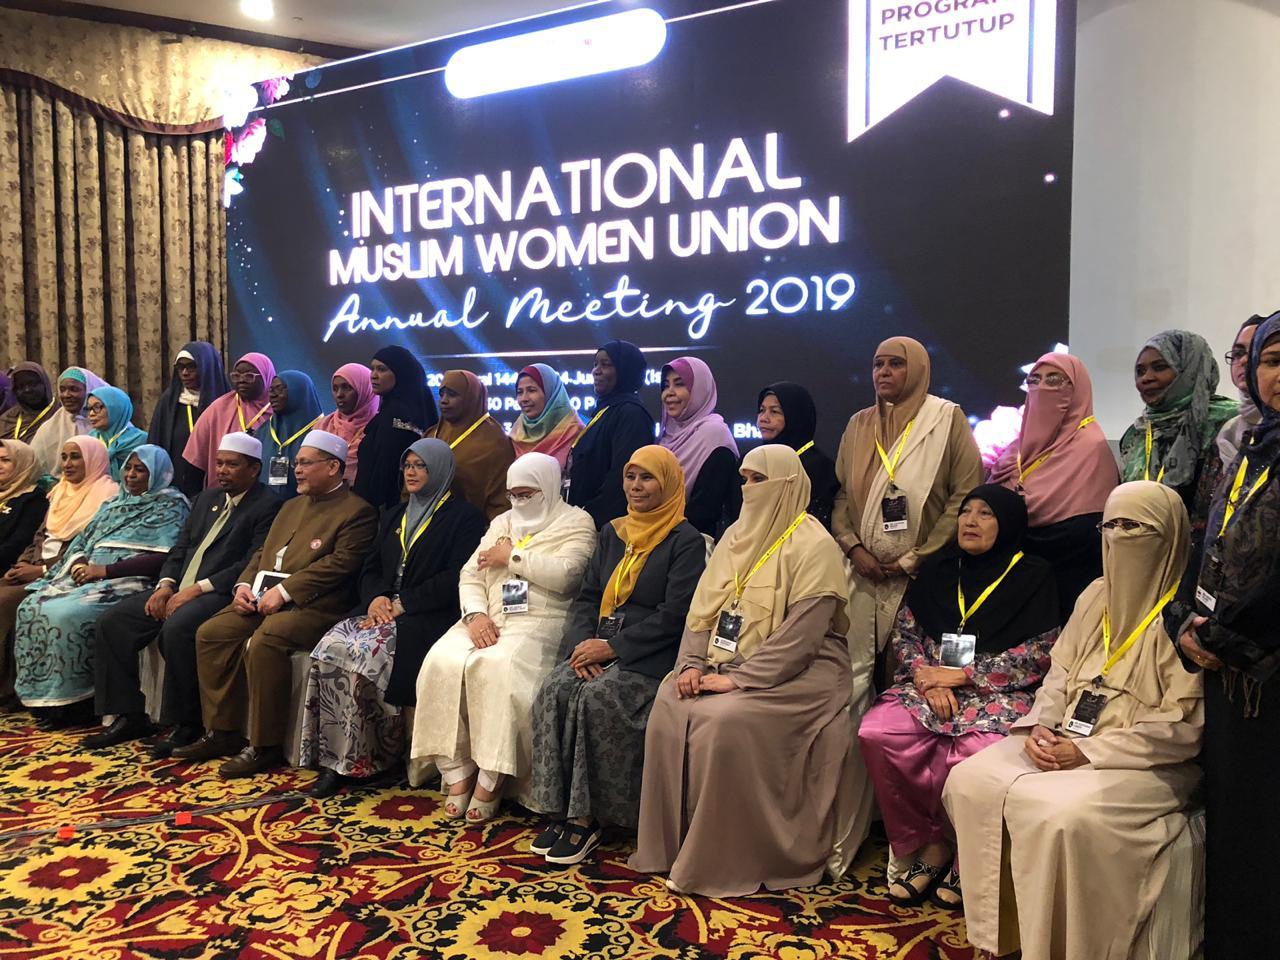 الدكتورة عفاف أحمد محمد حسين في حوار خاص مع مكتب الإعلام للاتحاد لمناقشة تصريحات كوتا بهارو ٢٠١٩